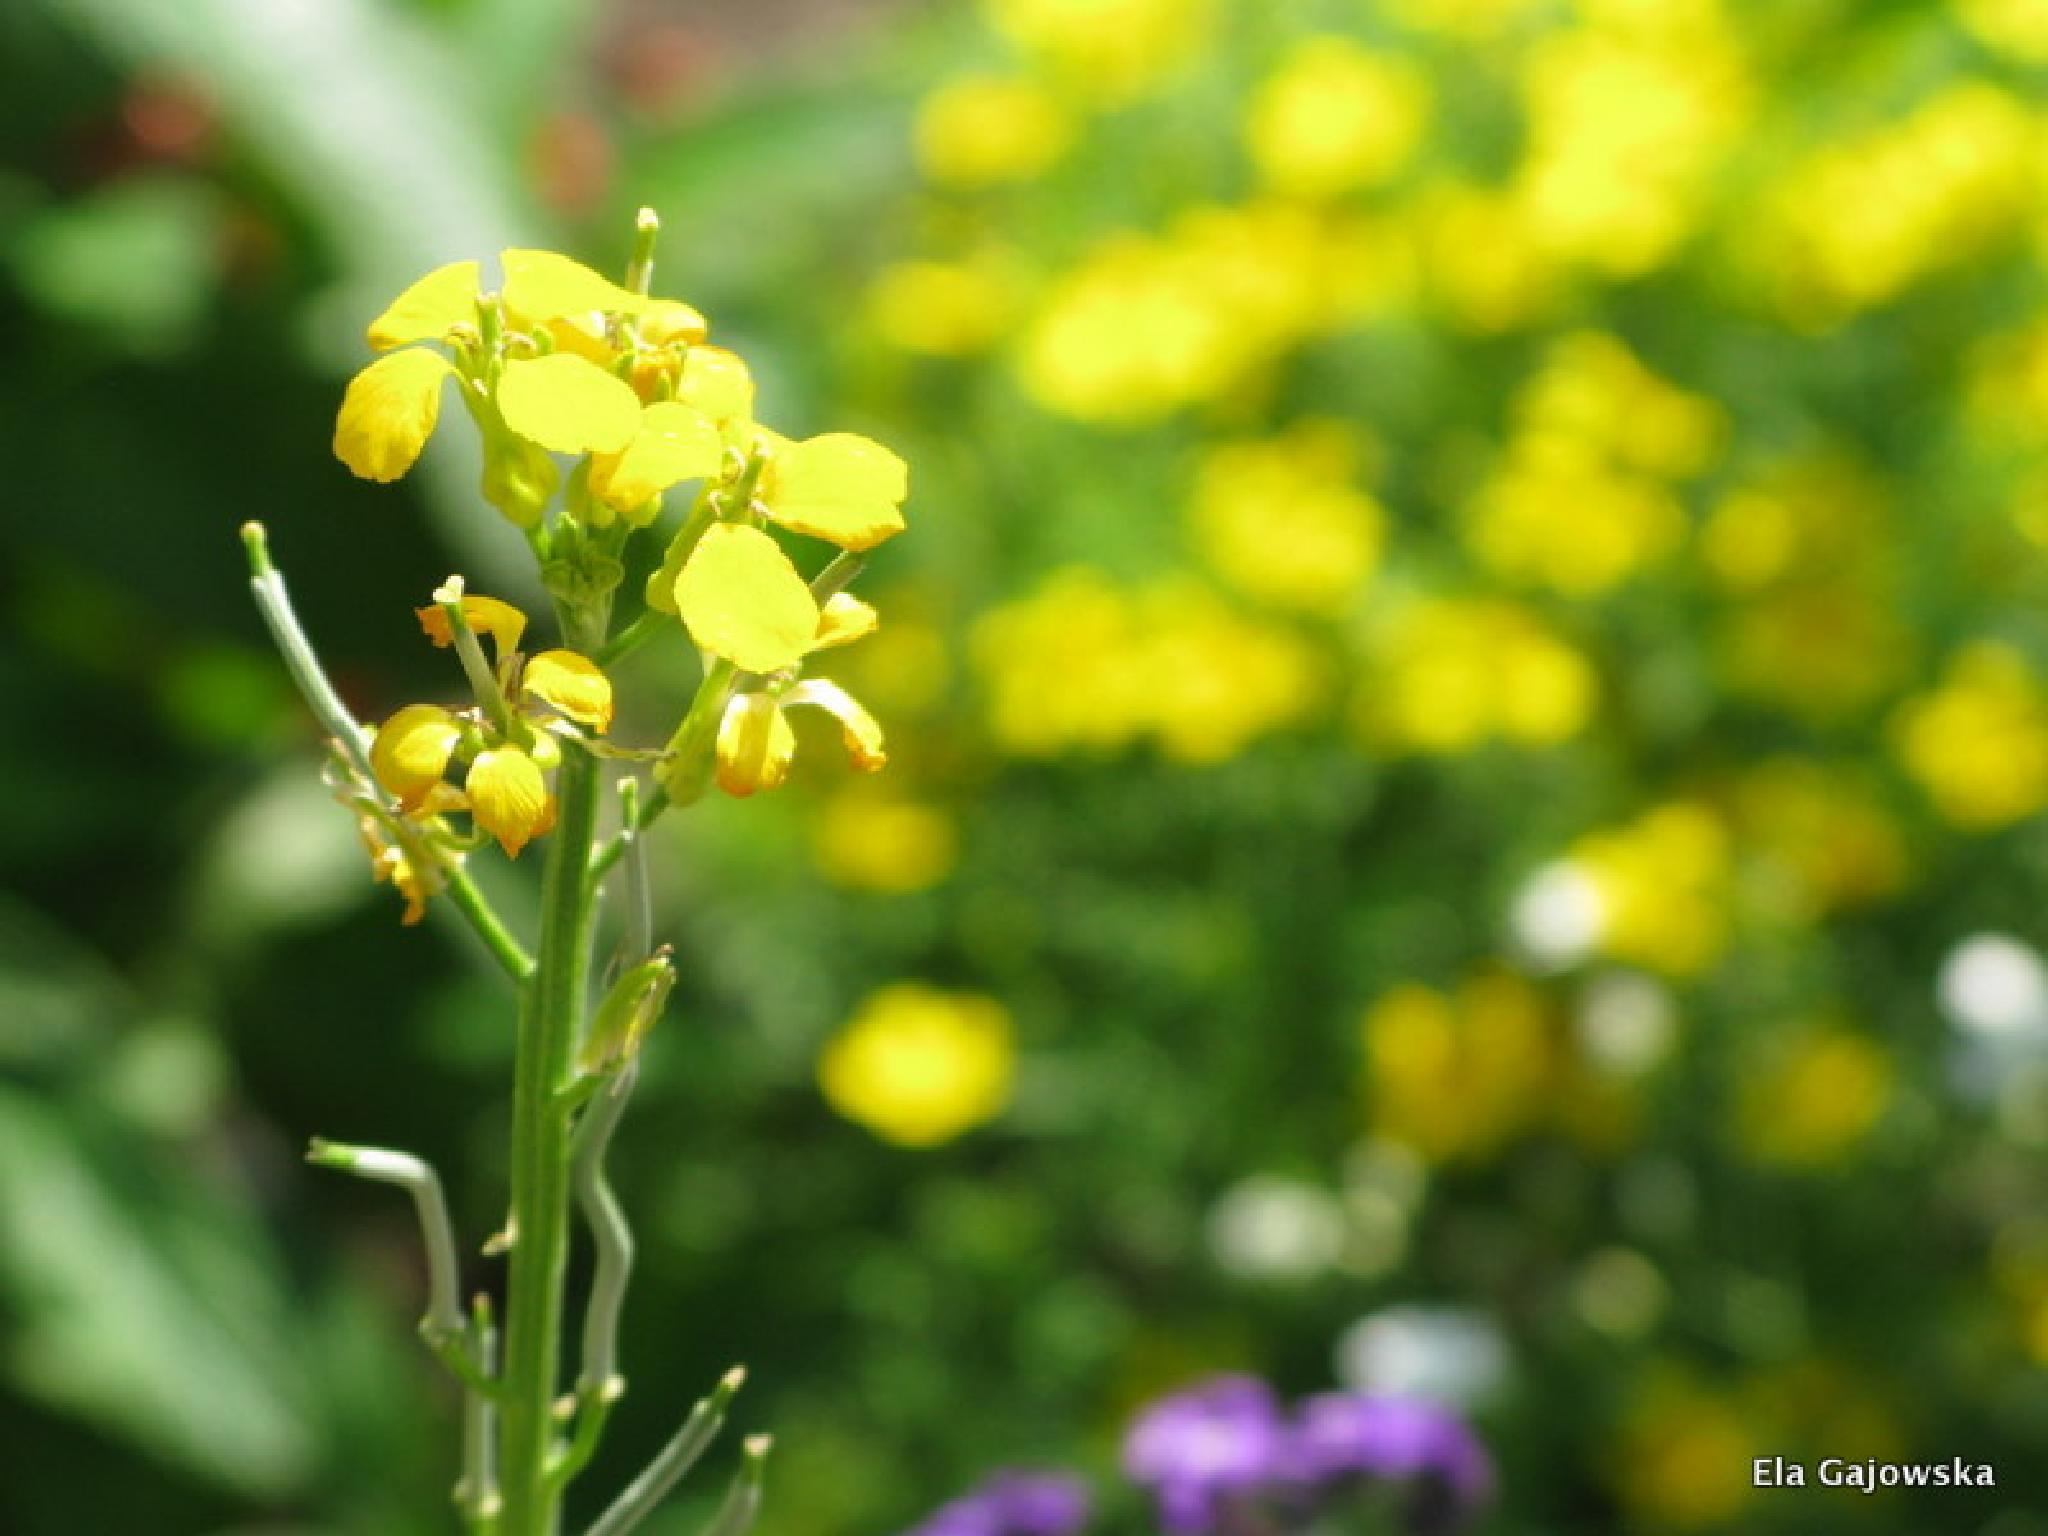 Yellow by Ela Gajowska